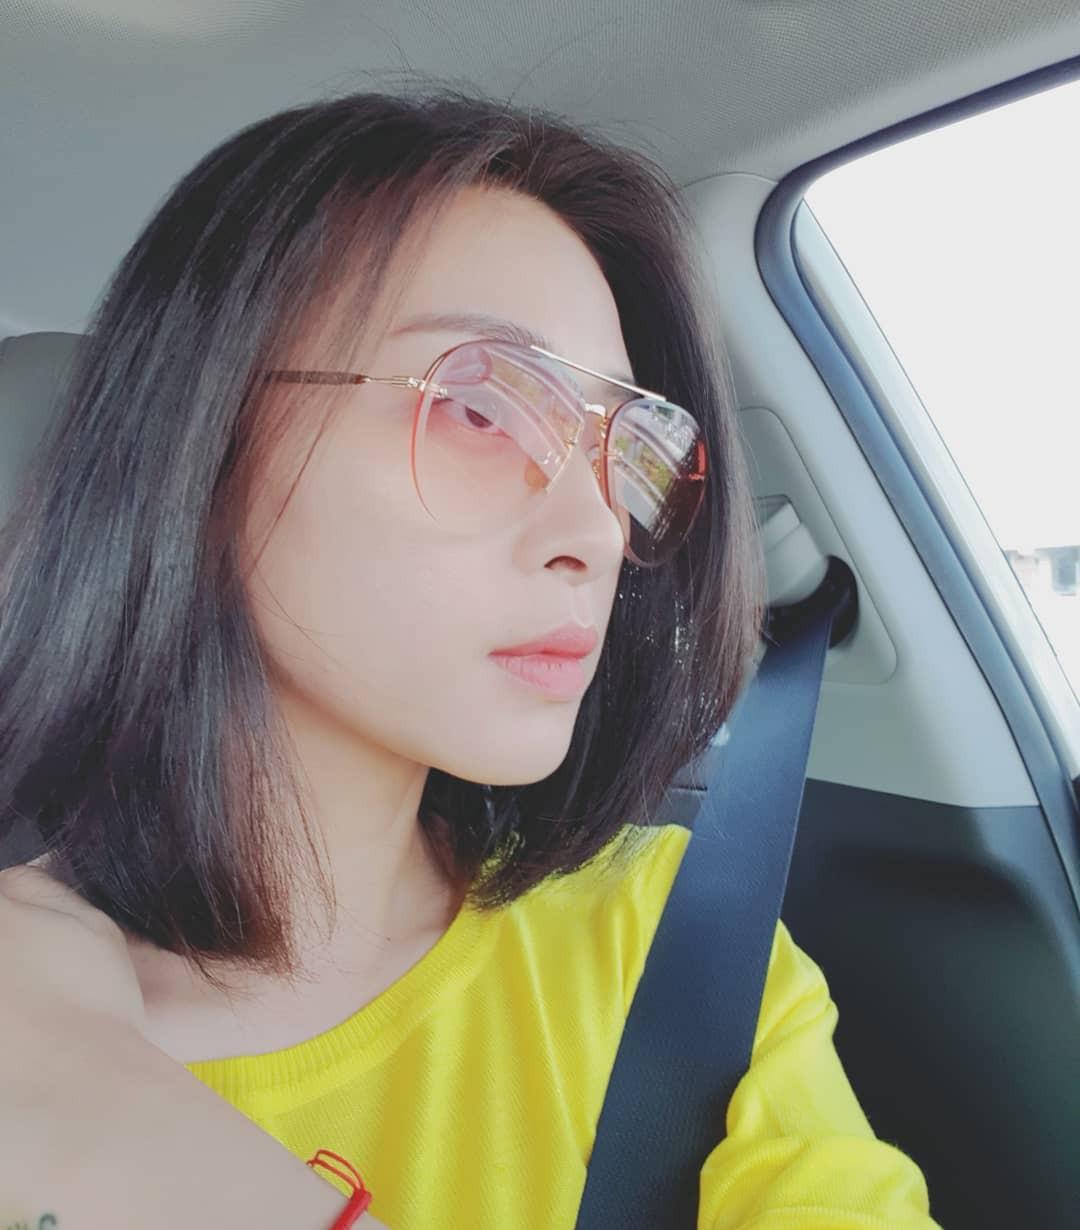 Trẻ đẹp quên thời gian thật, nhưng Ngô Thanh Vân cũng khéo chọn kiểu tóc lắm thì mới hack tuổi đỉnh đến vậy - Ảnh 9.